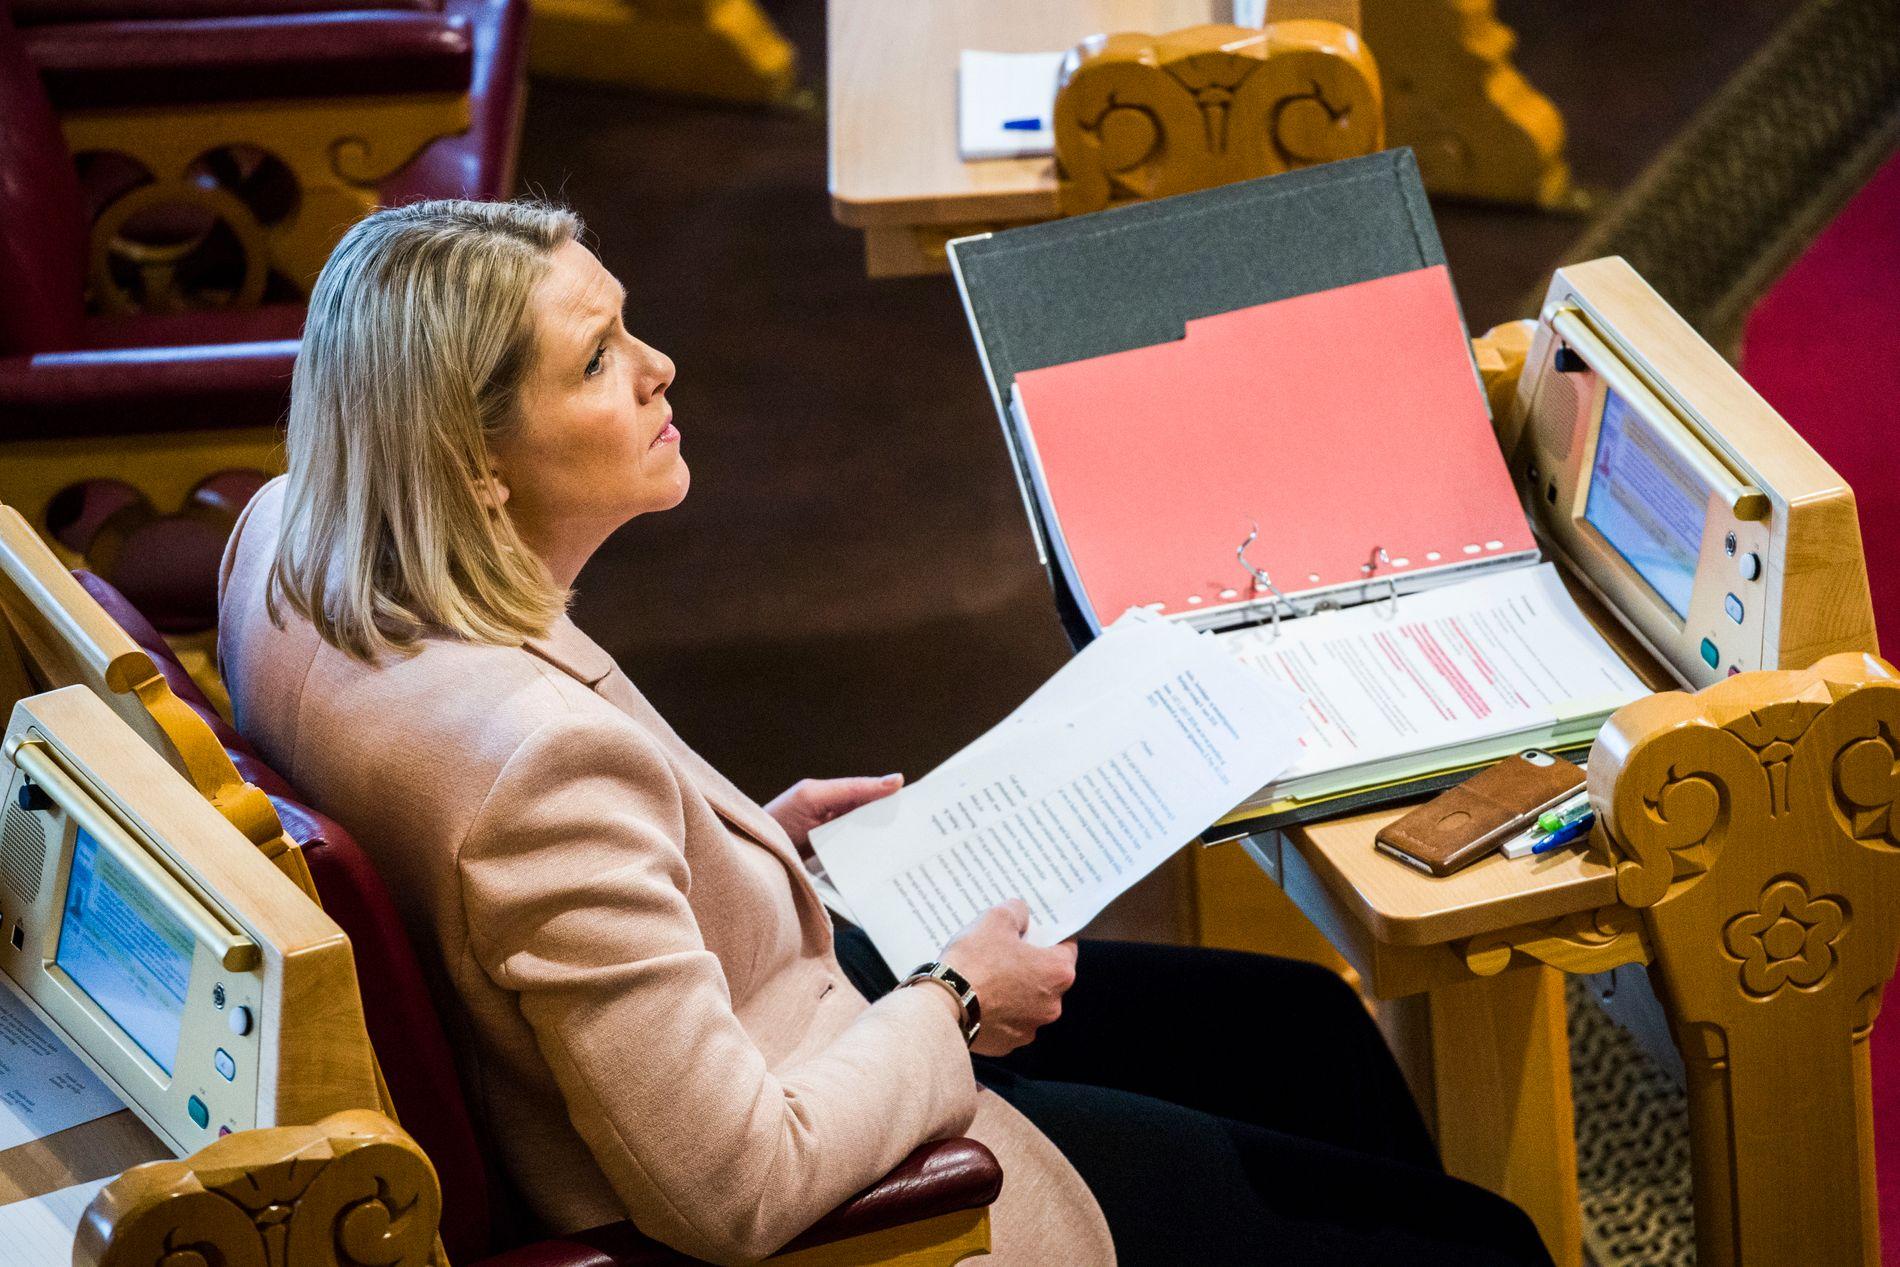 IMOT: Justisminister Sylvi Listhaug mener at det vil være feil prioritering av ressurser å ha en lensmann til stede på alle lensmannskontor.